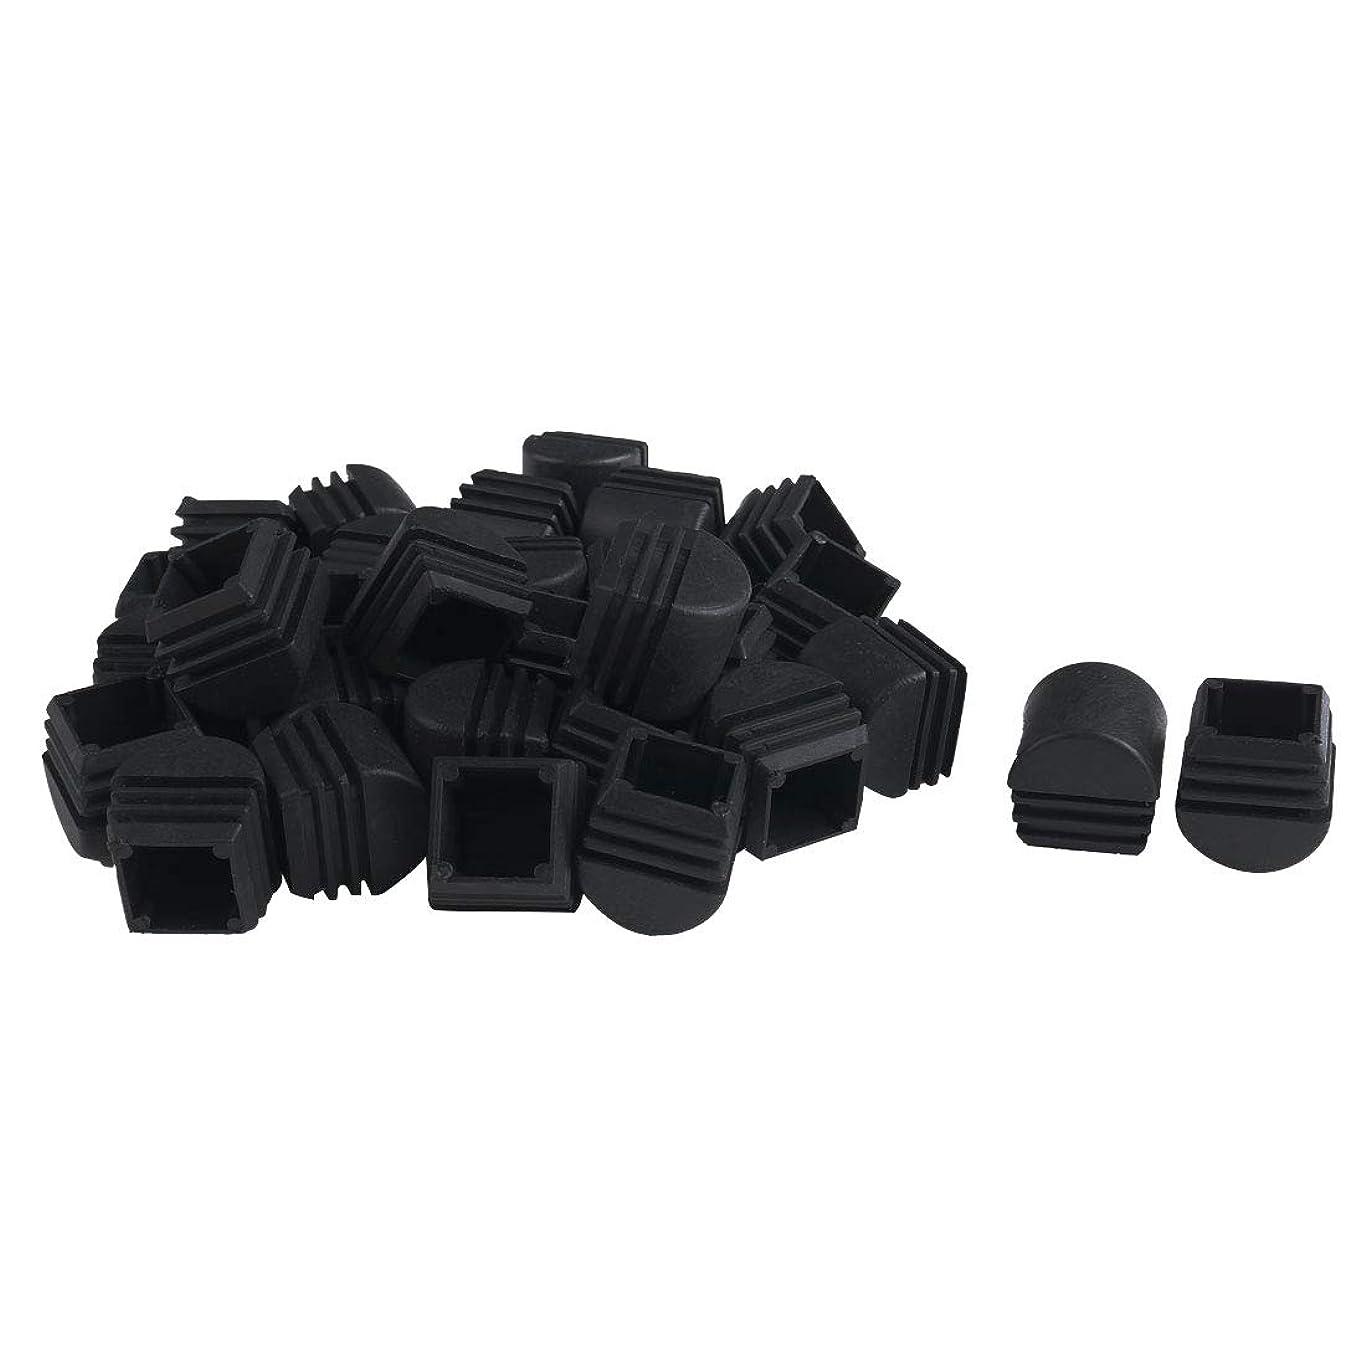 車促進する量uxcell 25×25mm プラスチックドーム型正方形リブチューブインサート エンドカバーキャップ 黒 0.83~0.31インチ 内寸 ハウス フロア 家具 テーブル デスク プロテクター